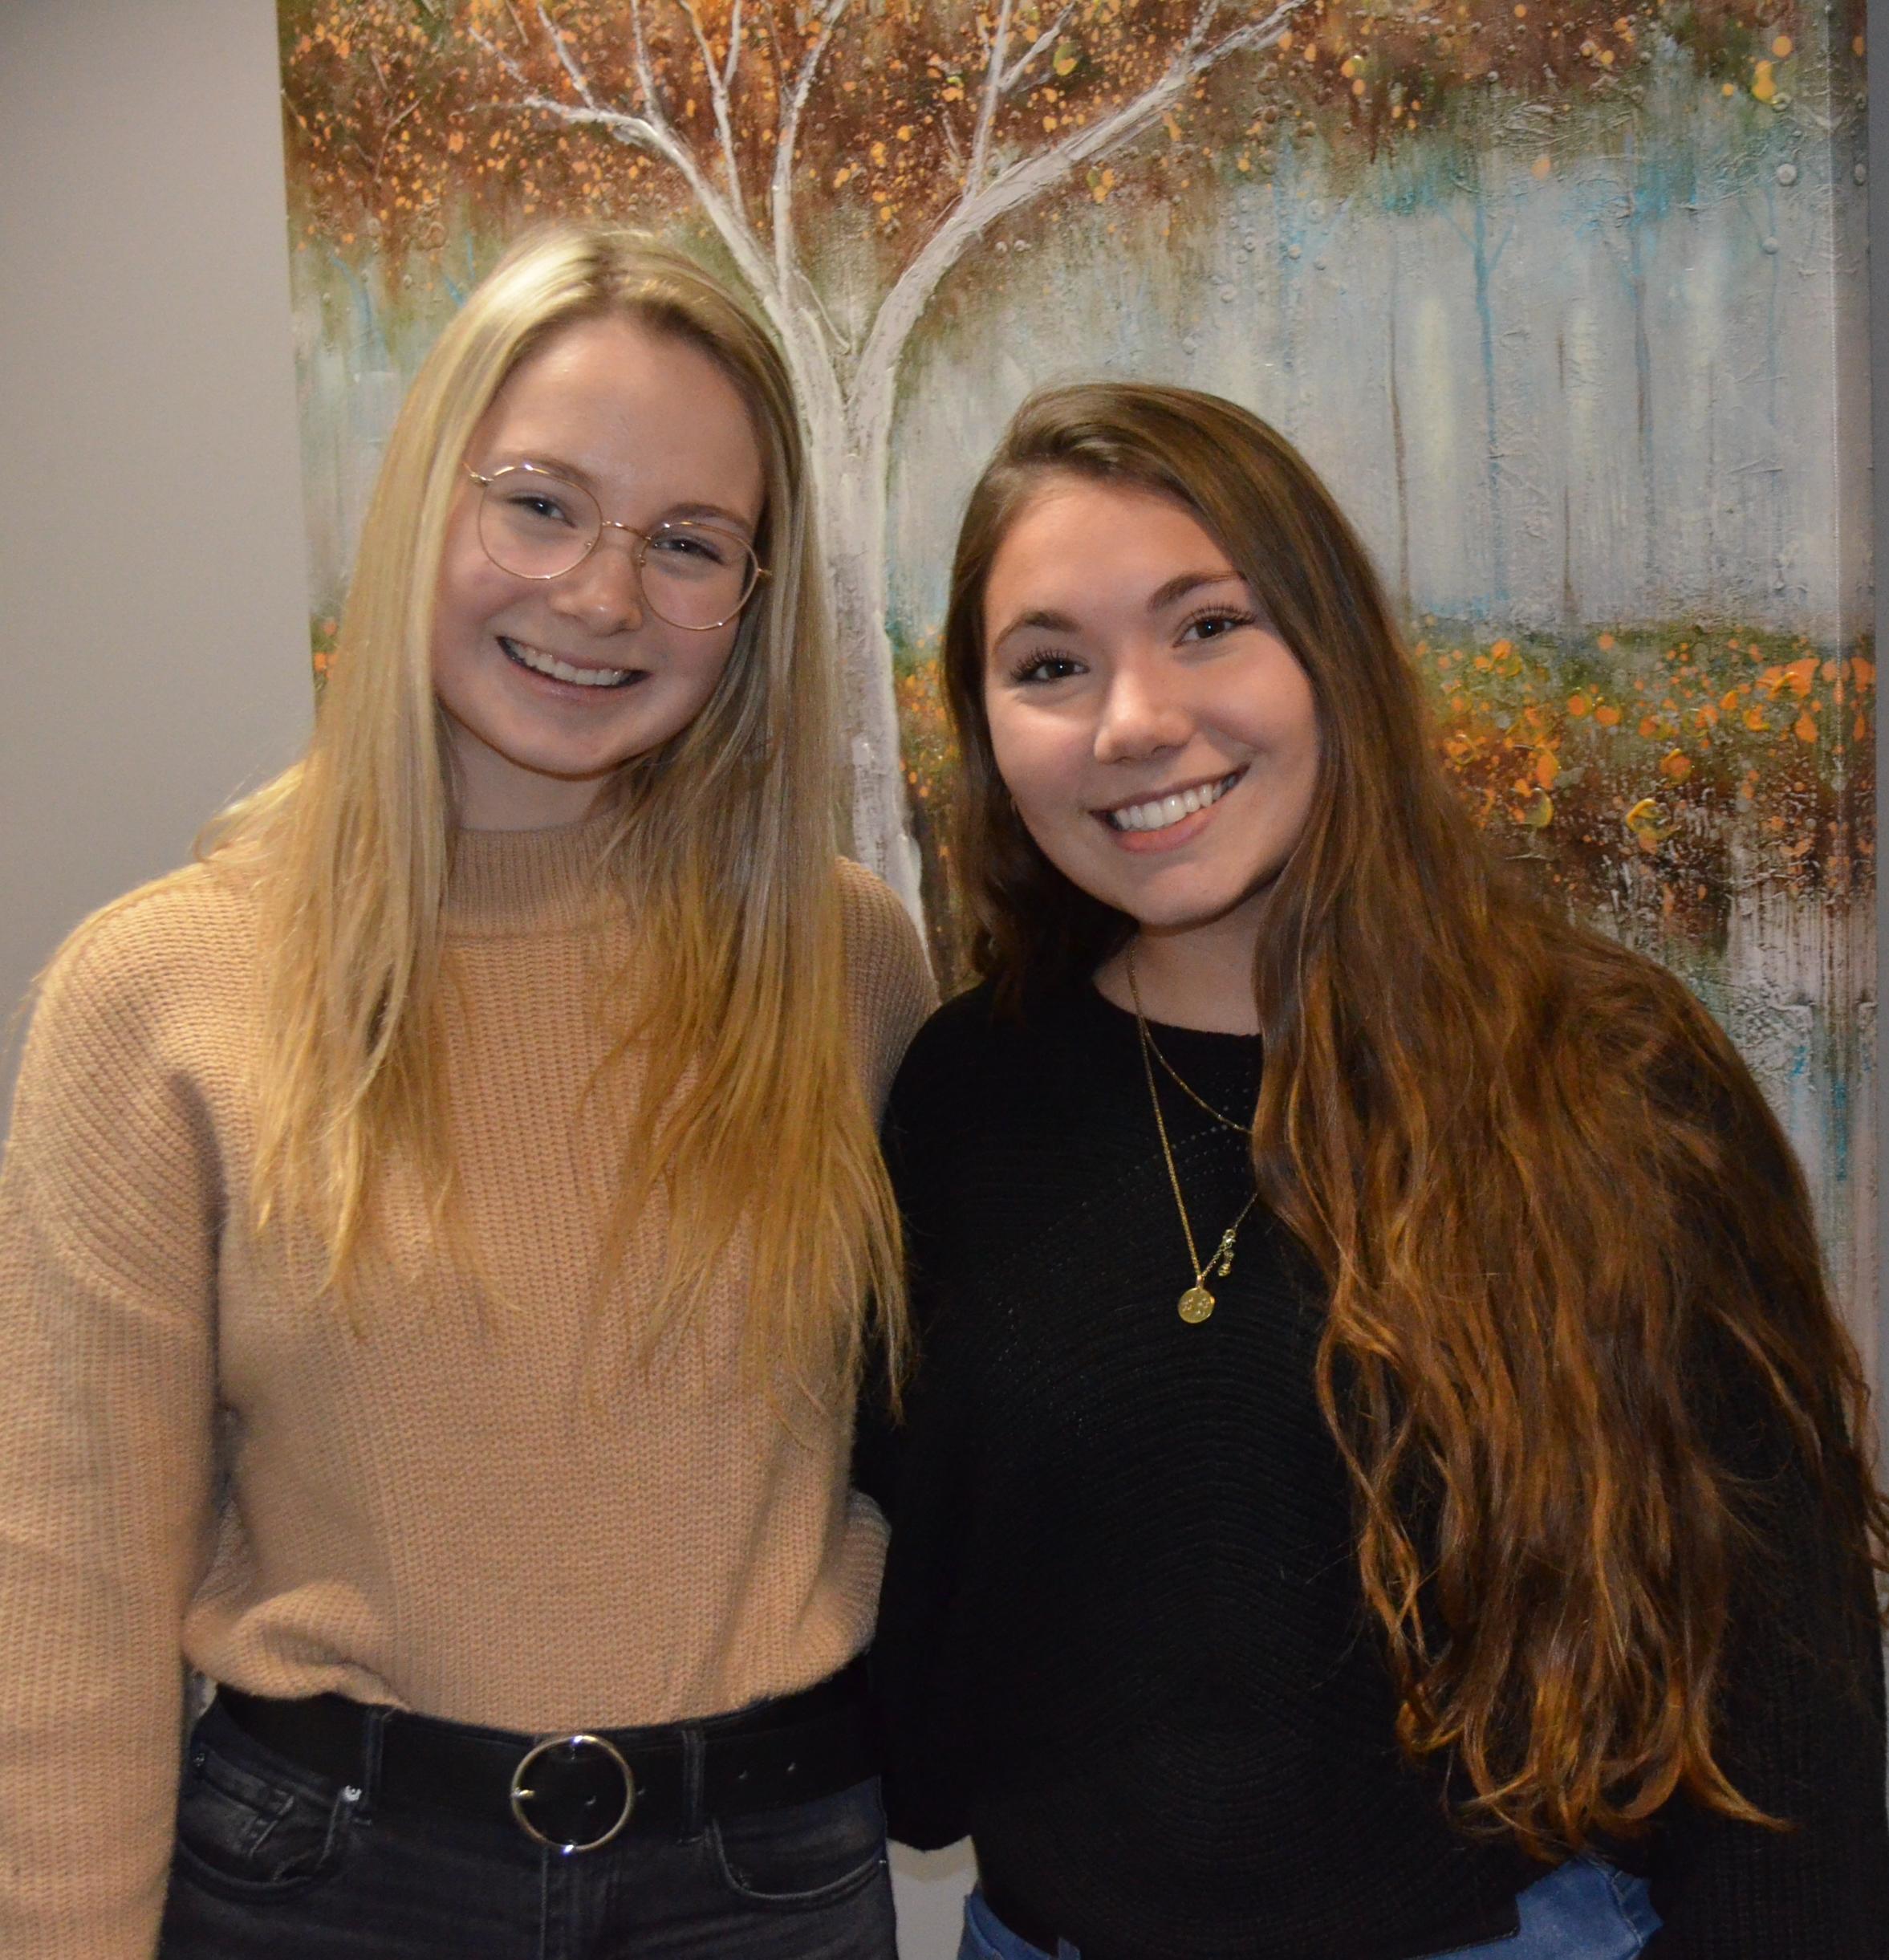 Élodie Bujold et Mélanie Bernard, étudiantes de troisième année en Soins infirmiers au Cégep de Rimouski.